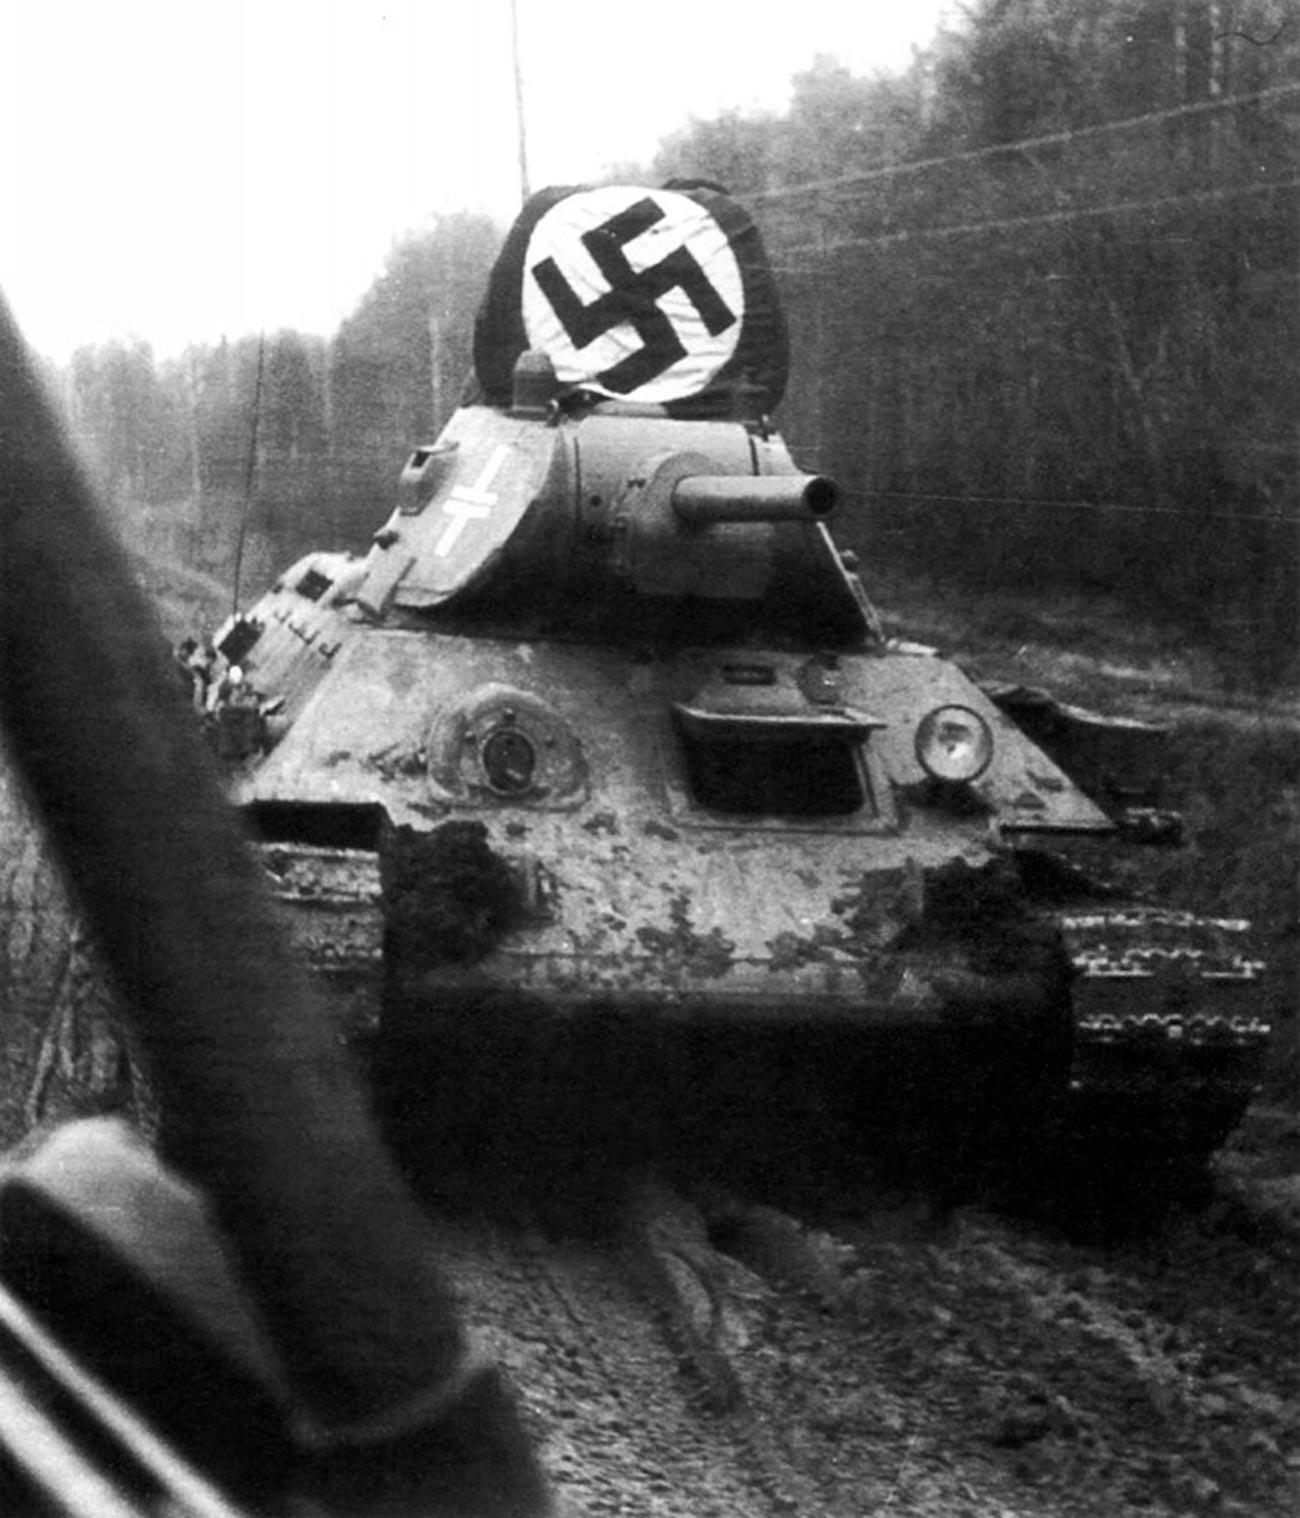 Трофејни совјетски Т-34 на шумском путу у близини Москве. Касна јесен 1941.